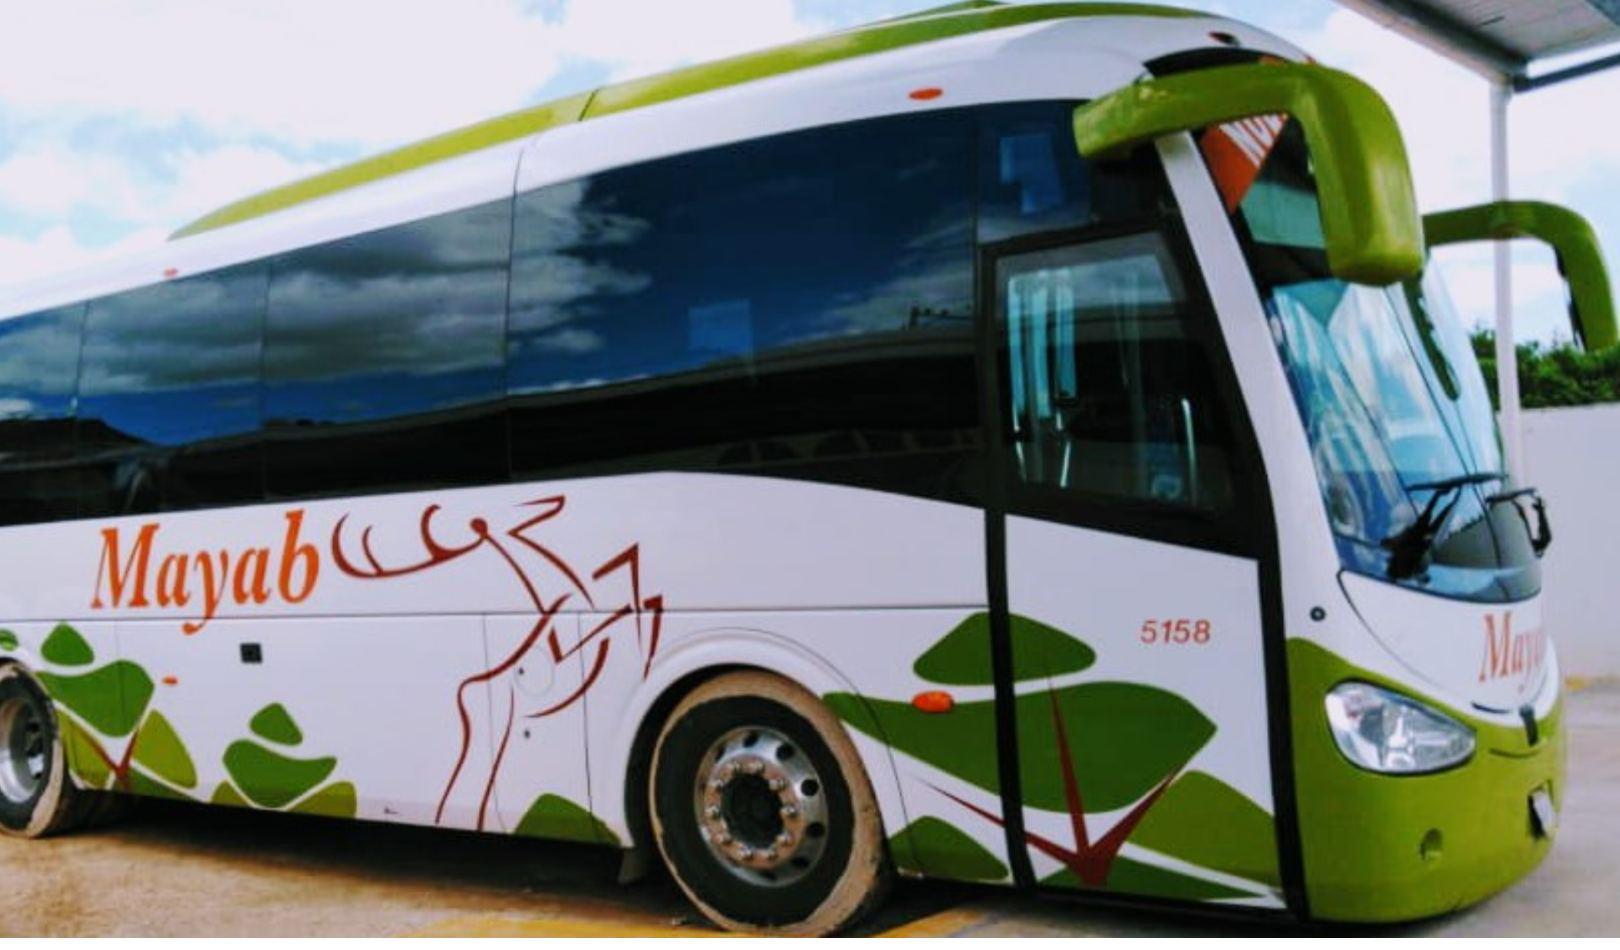 Fundación ADO, Autobuses Mayab, Mobility ADO,